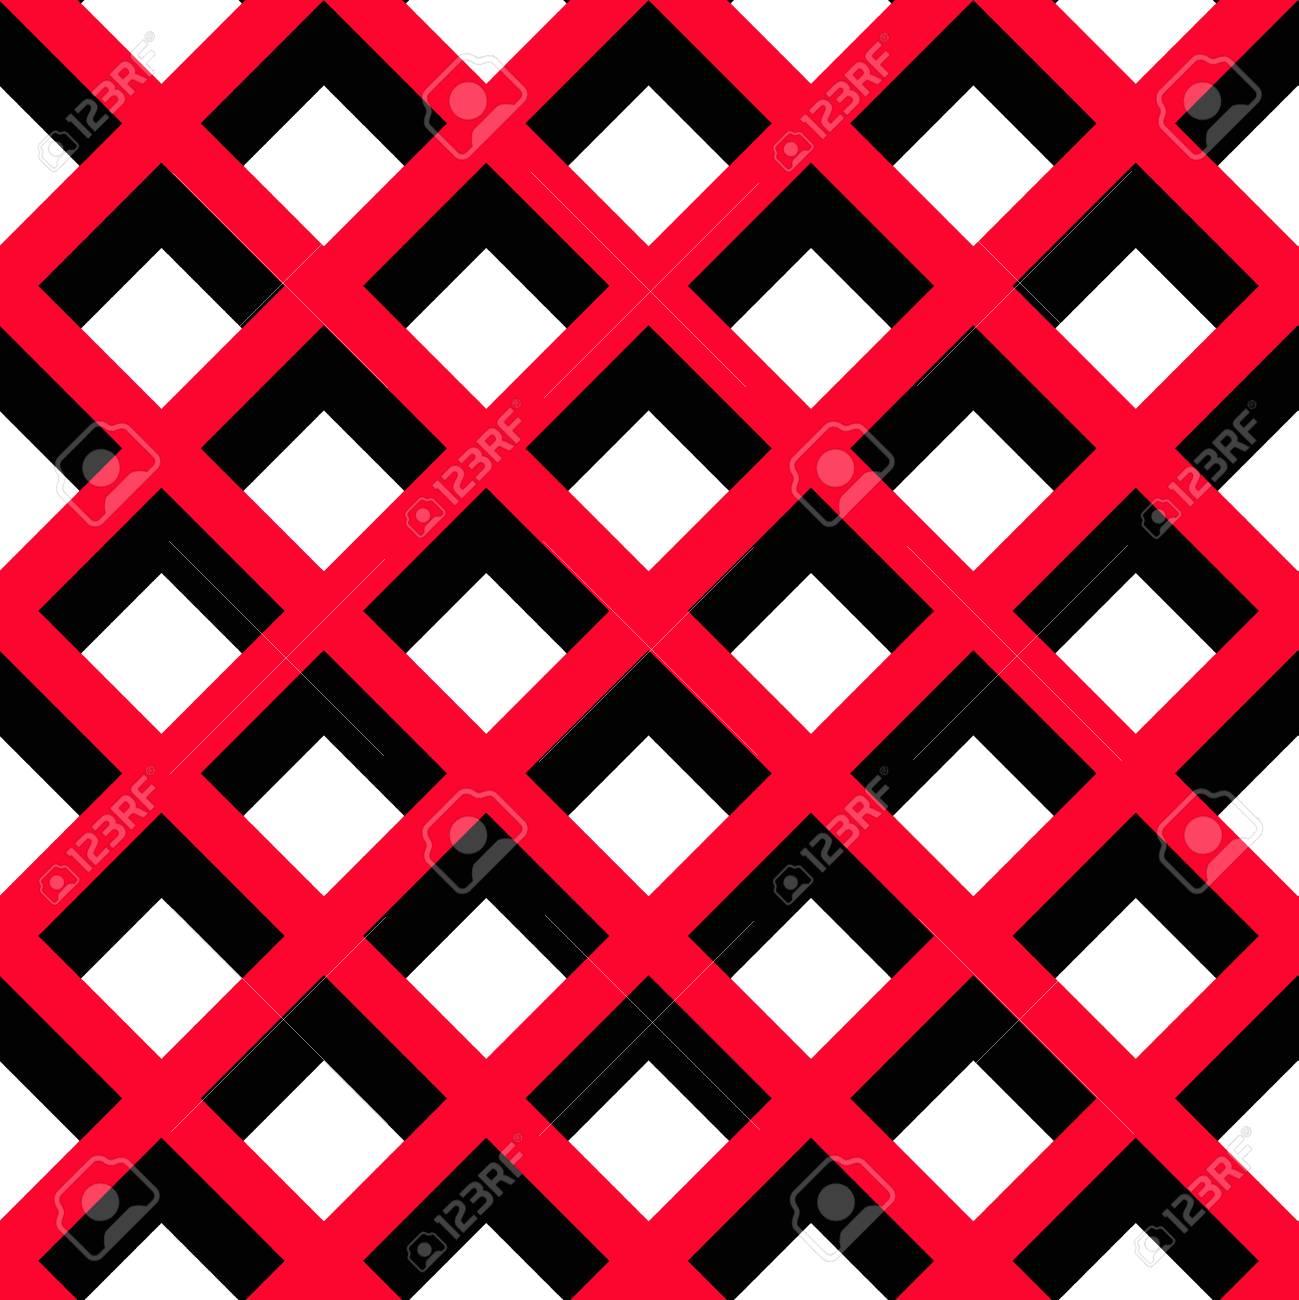 Fond De Vecteur Motif Geometrique Motif Carre Noir Et Rouge Sur Fond Blanc Motif Decoratif Pour Papier Peint Mobilier Decoration Interieure Tissu